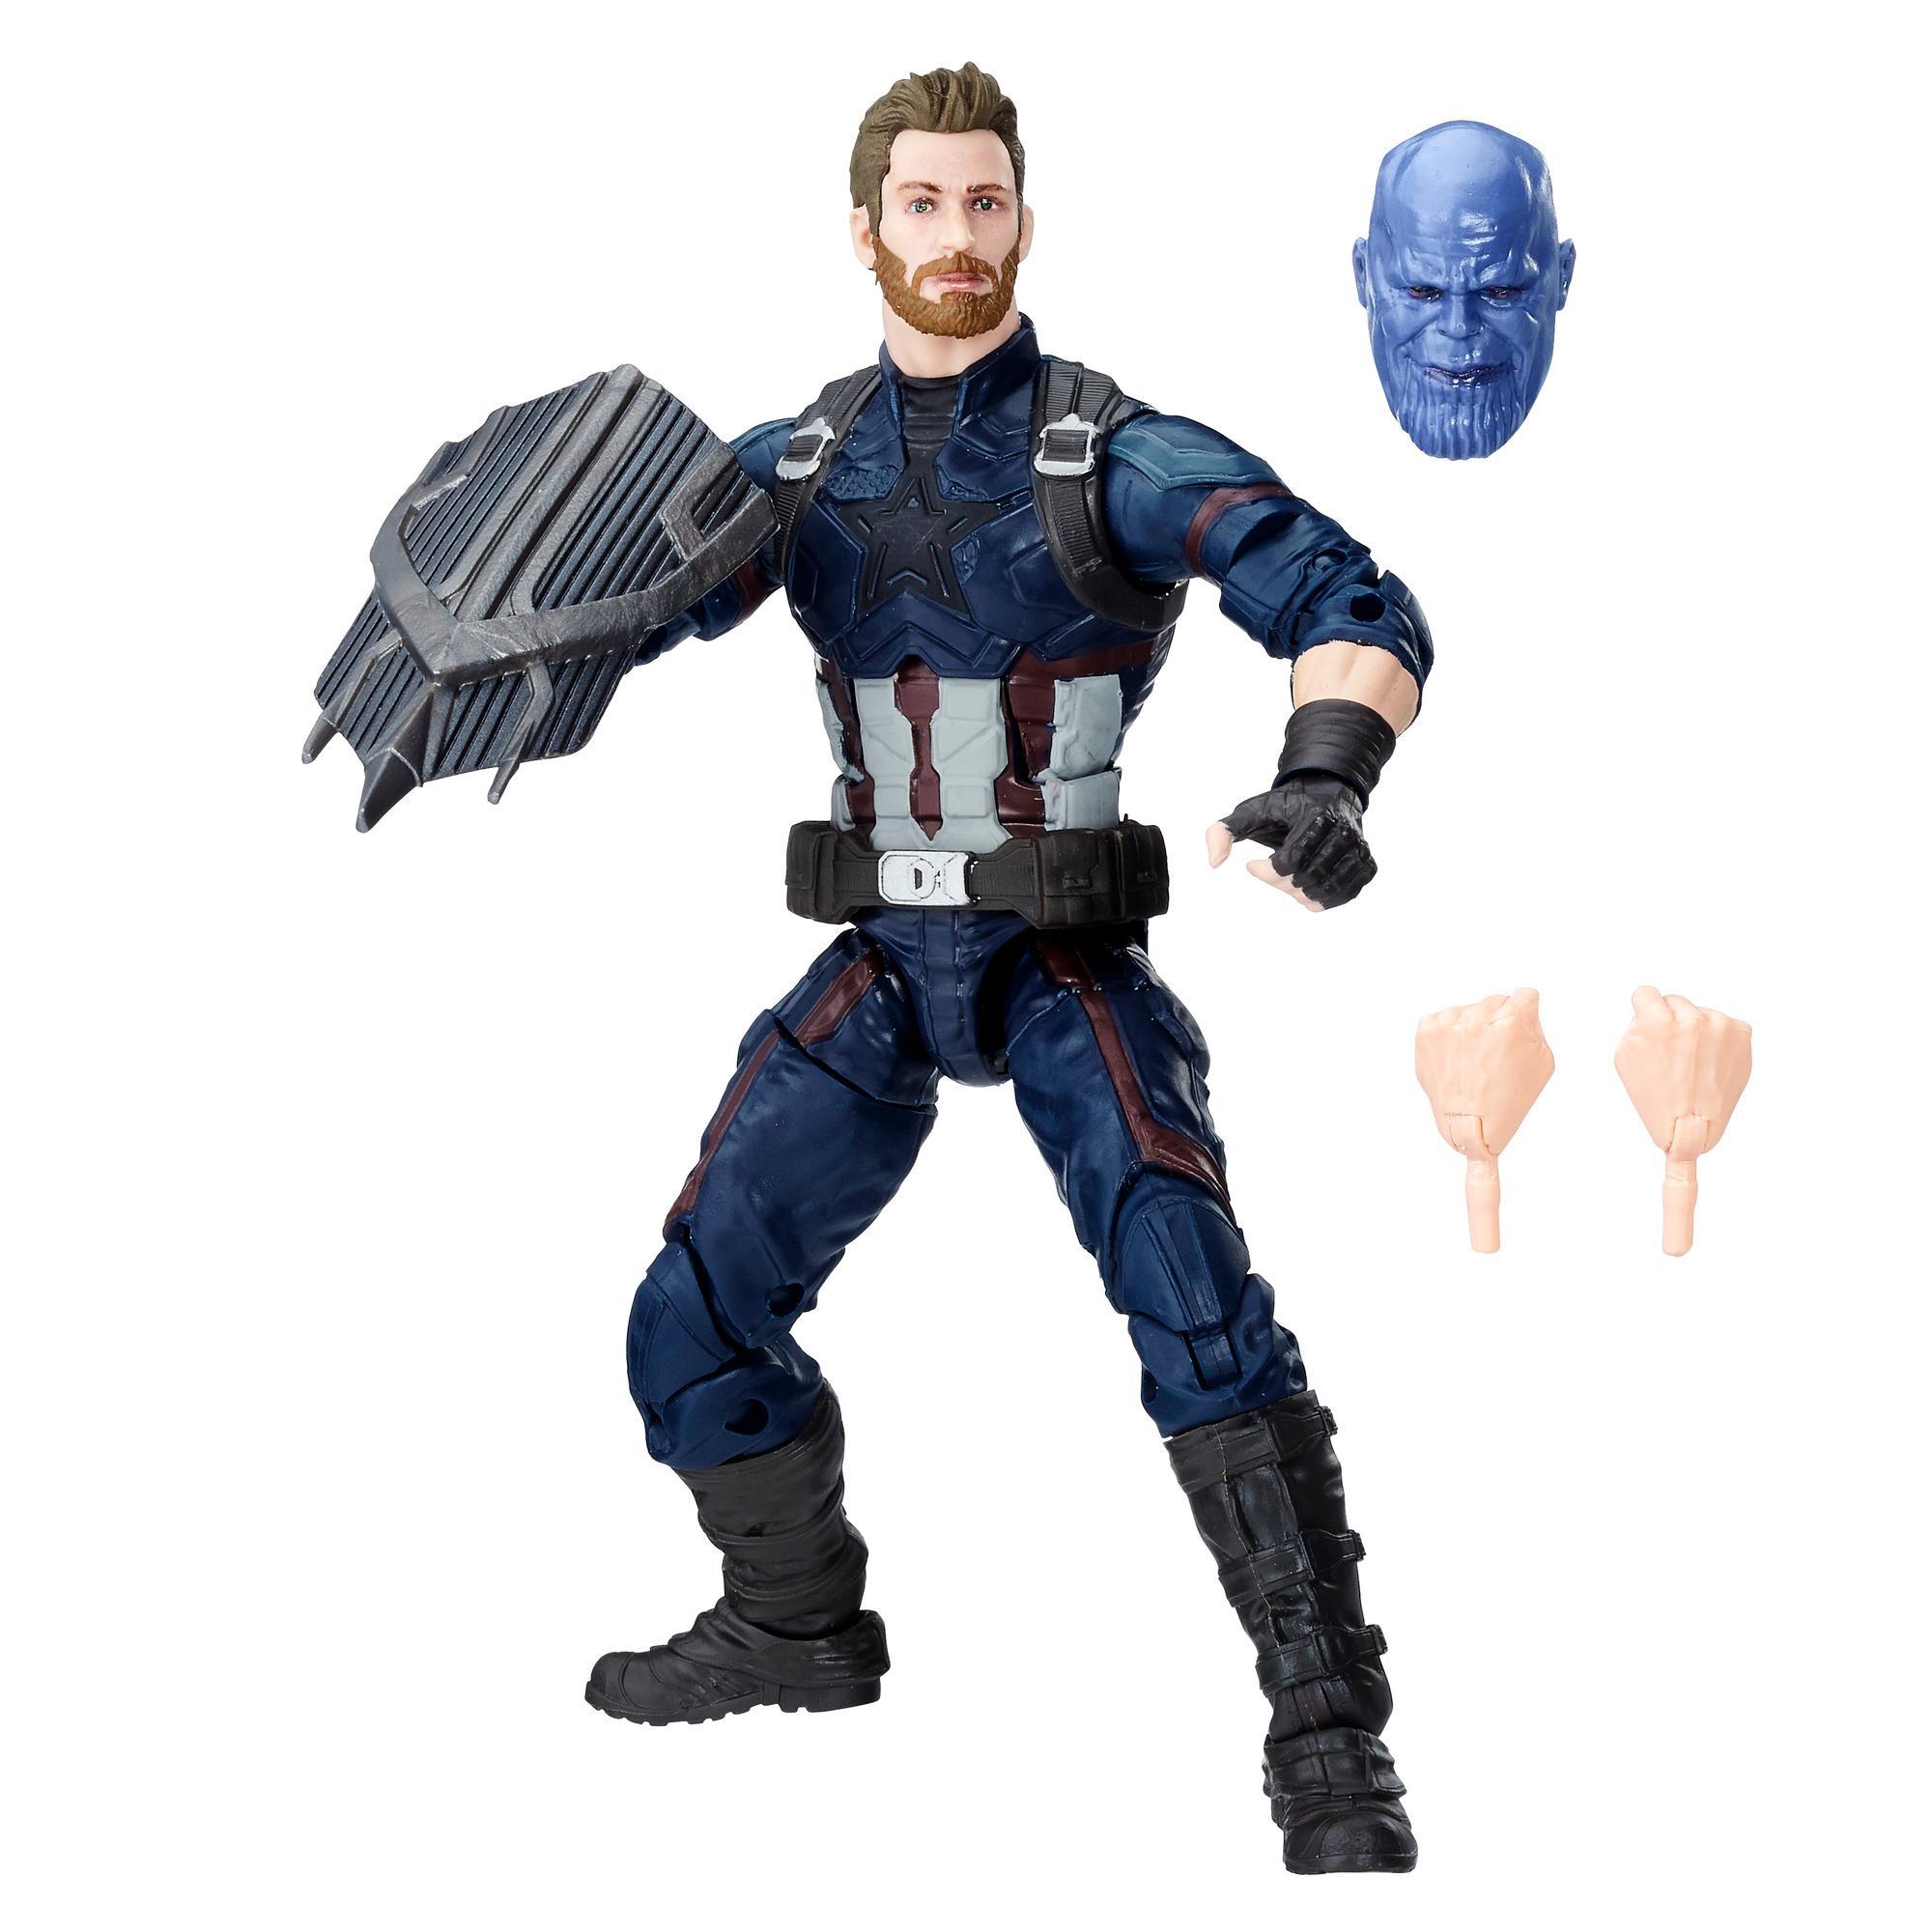 Avengers Marvel Legends Series 6-inch Captain America